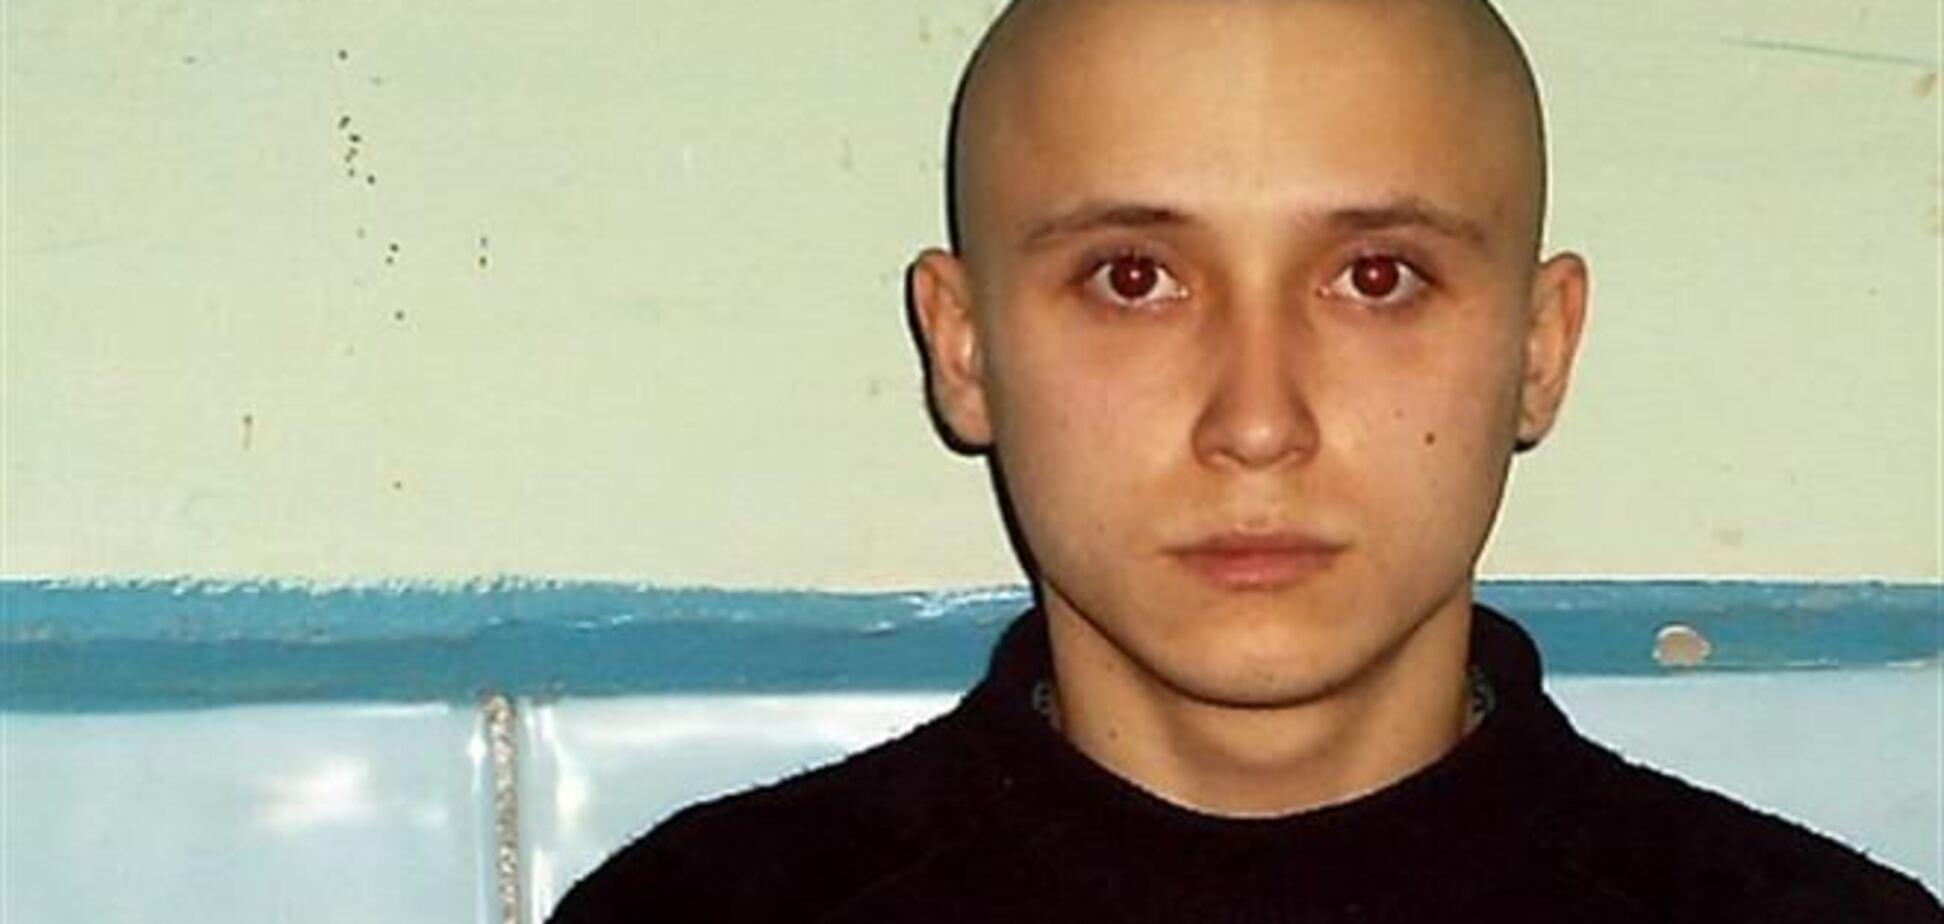 Задержан сбежавший из херсонского СИЗО подозреваемый в убийстве